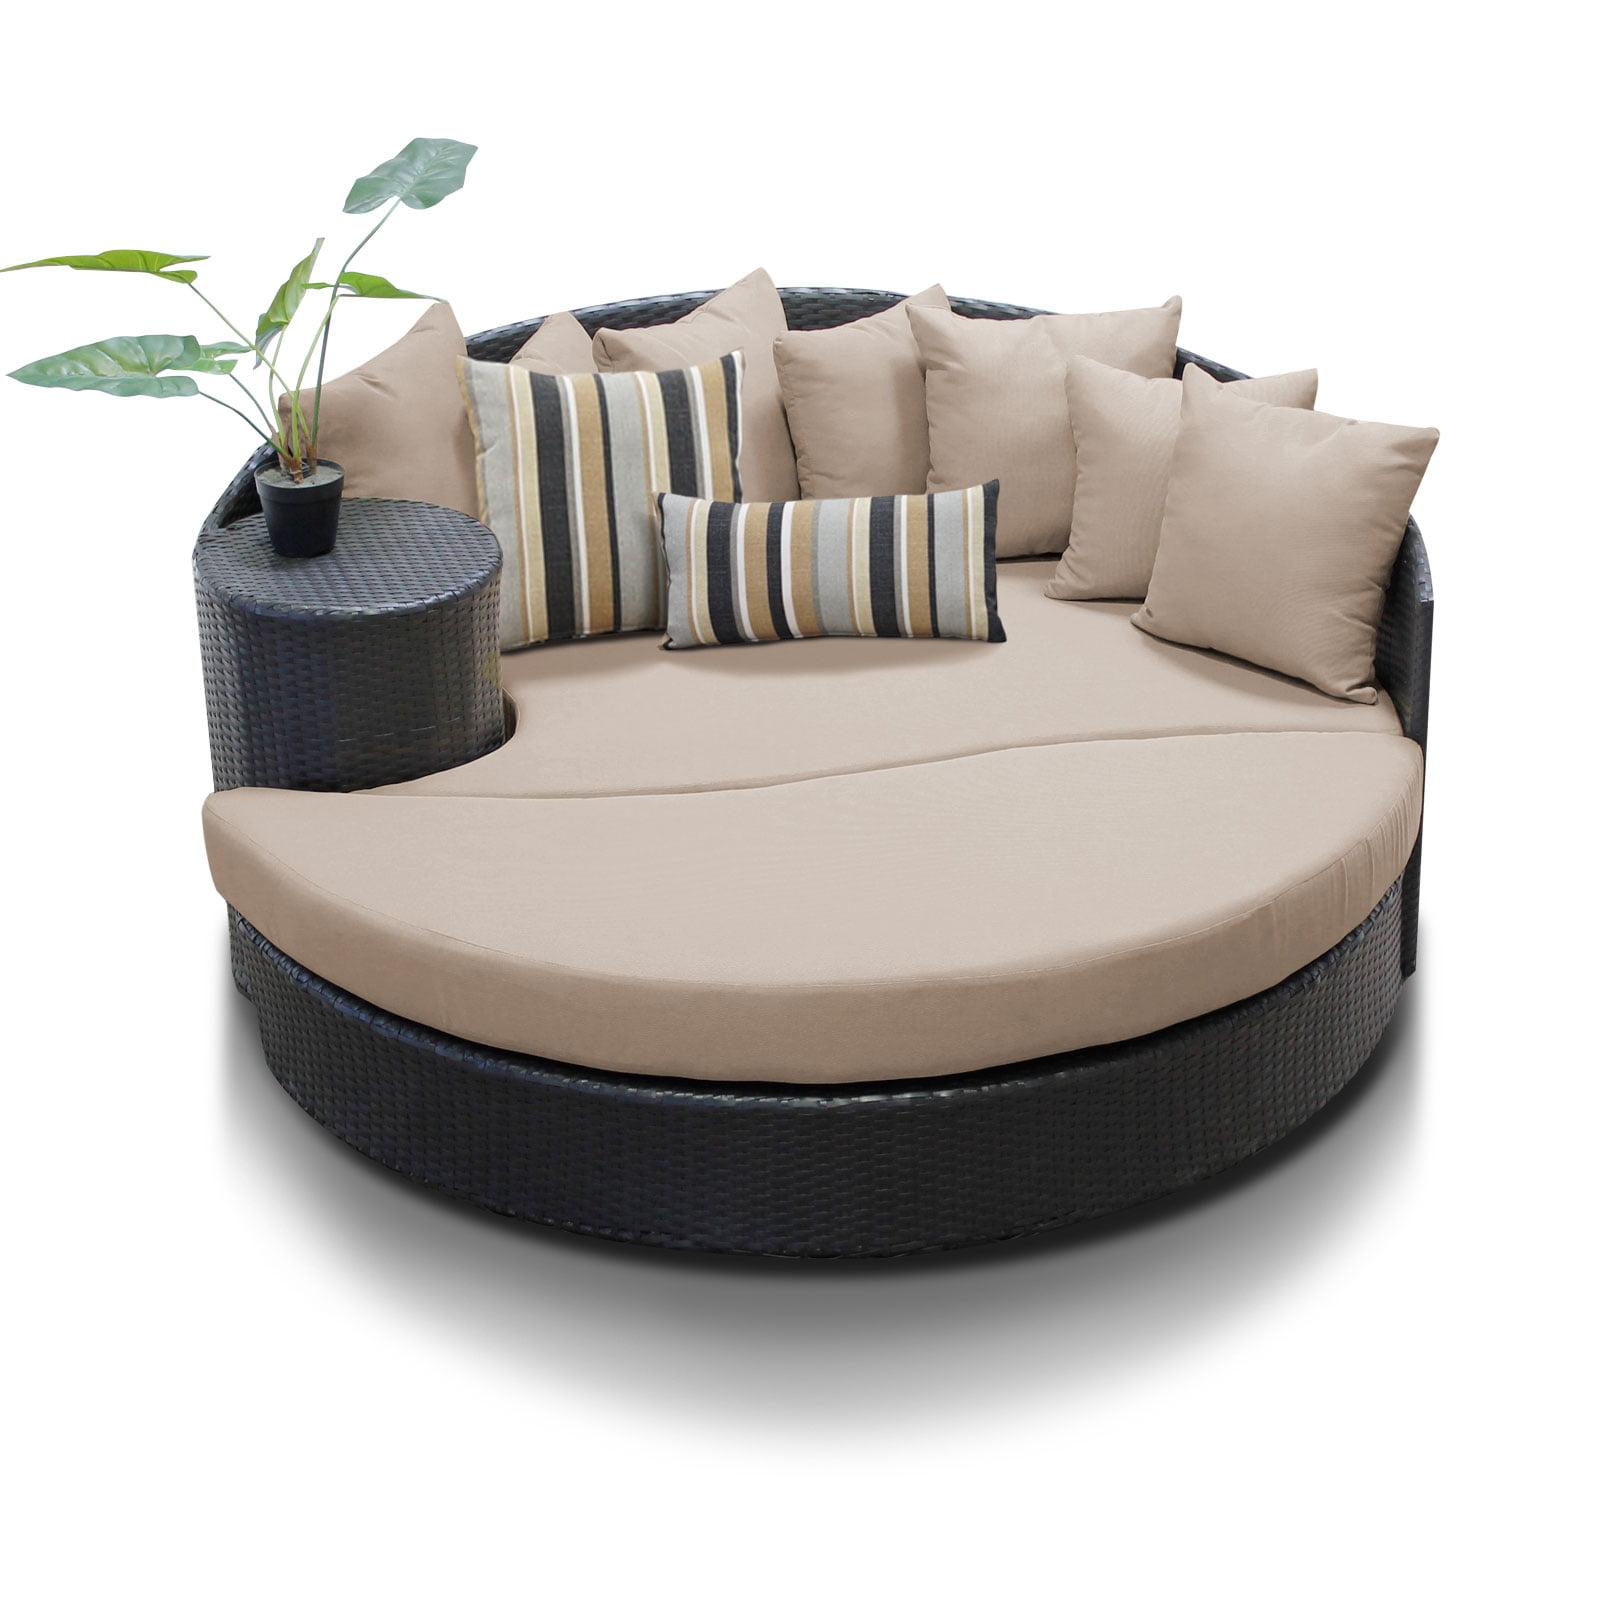 TK Classics Zen Circular Sun Bed - Outdoor Wicker Patio F...